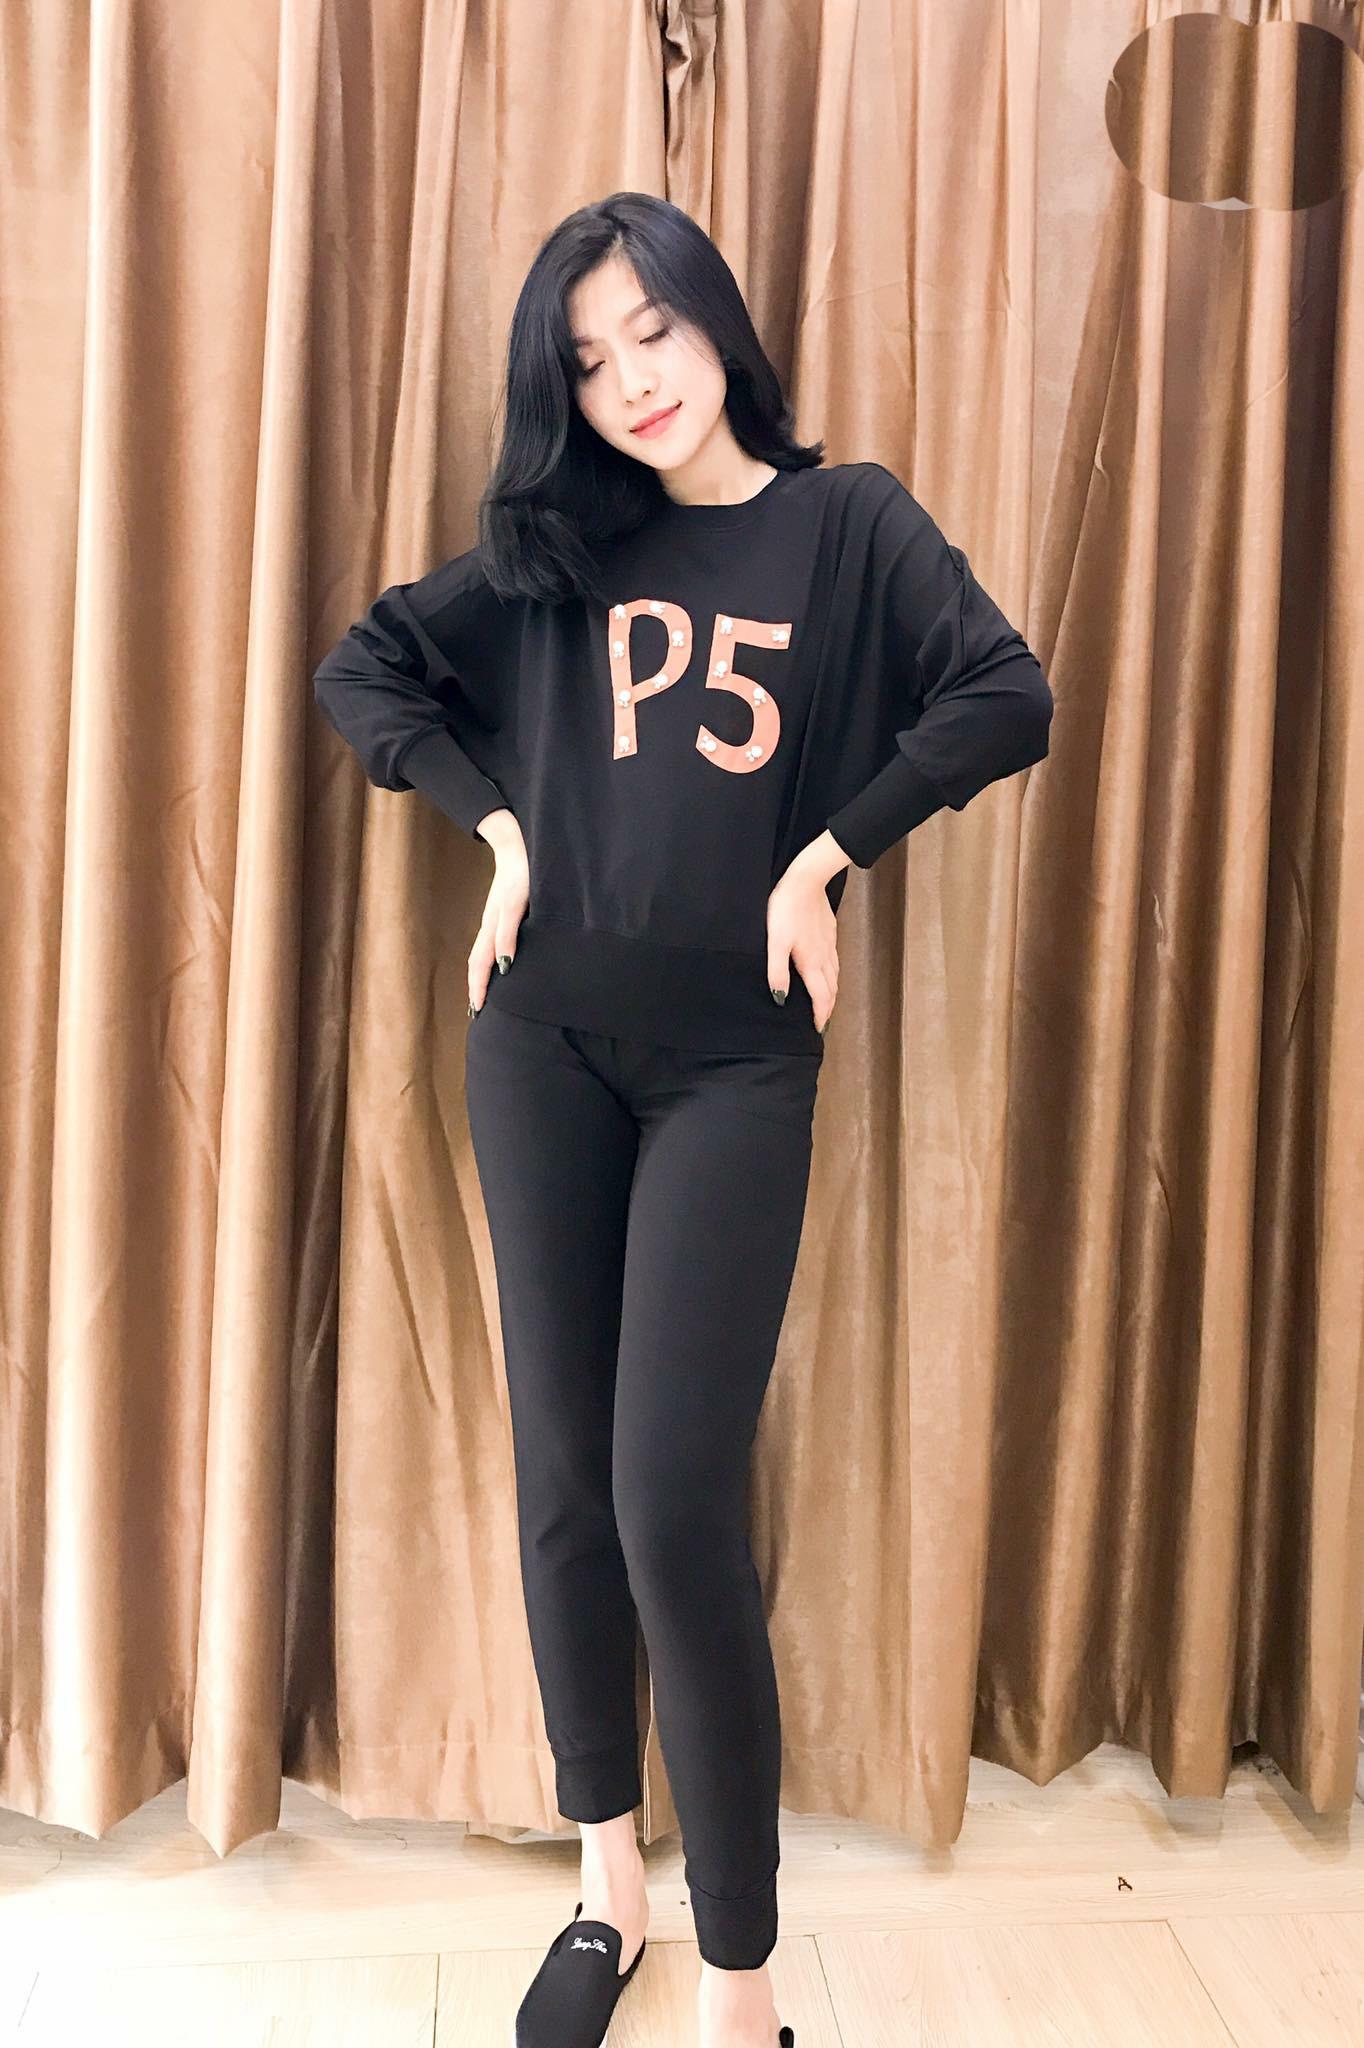 bo-ni-thu-dong-p5